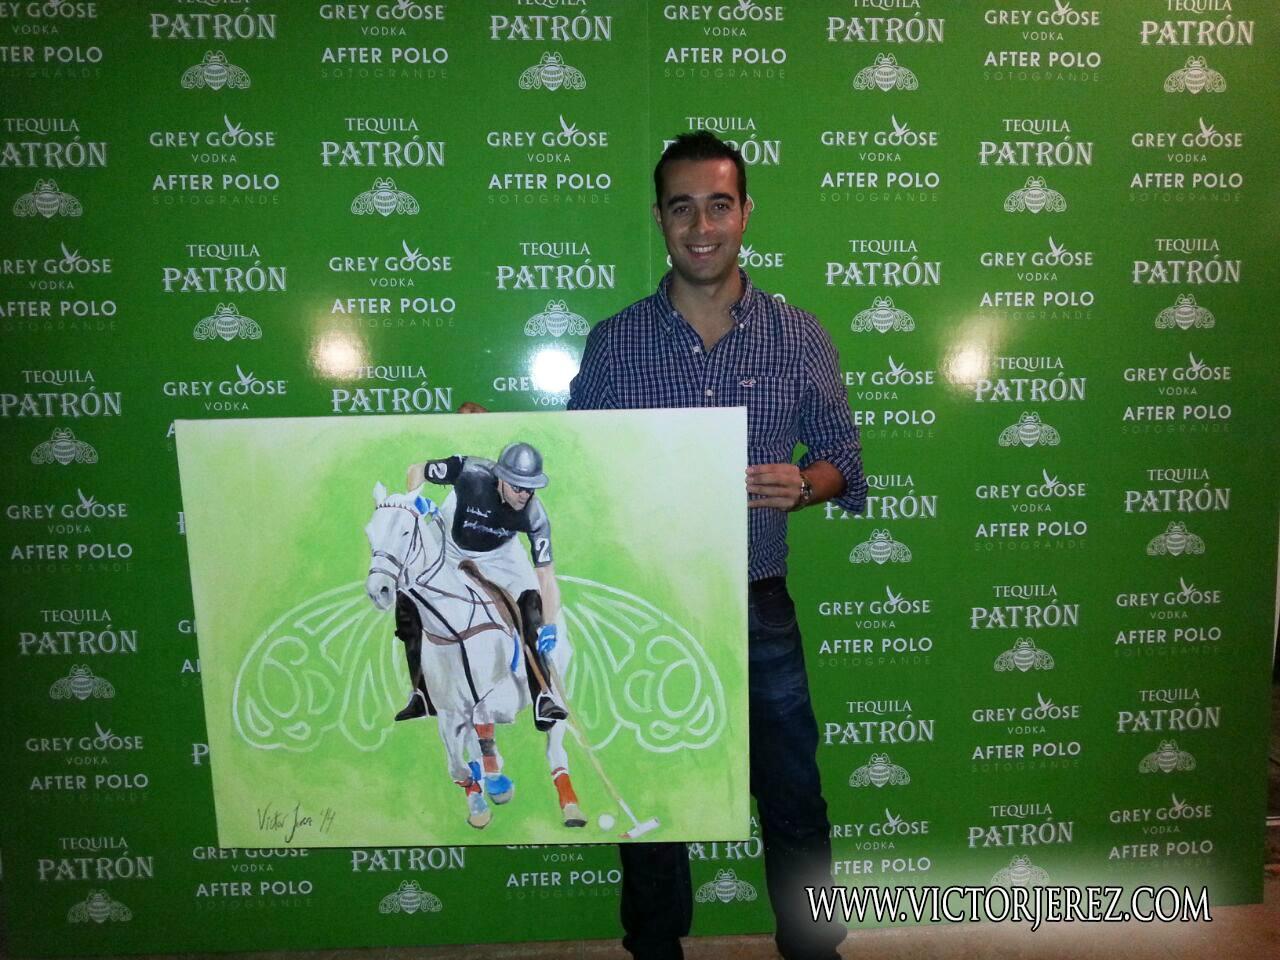 Obra realizada por Víctor Jerez para Tequila Patrón en After Polo Sotogrande